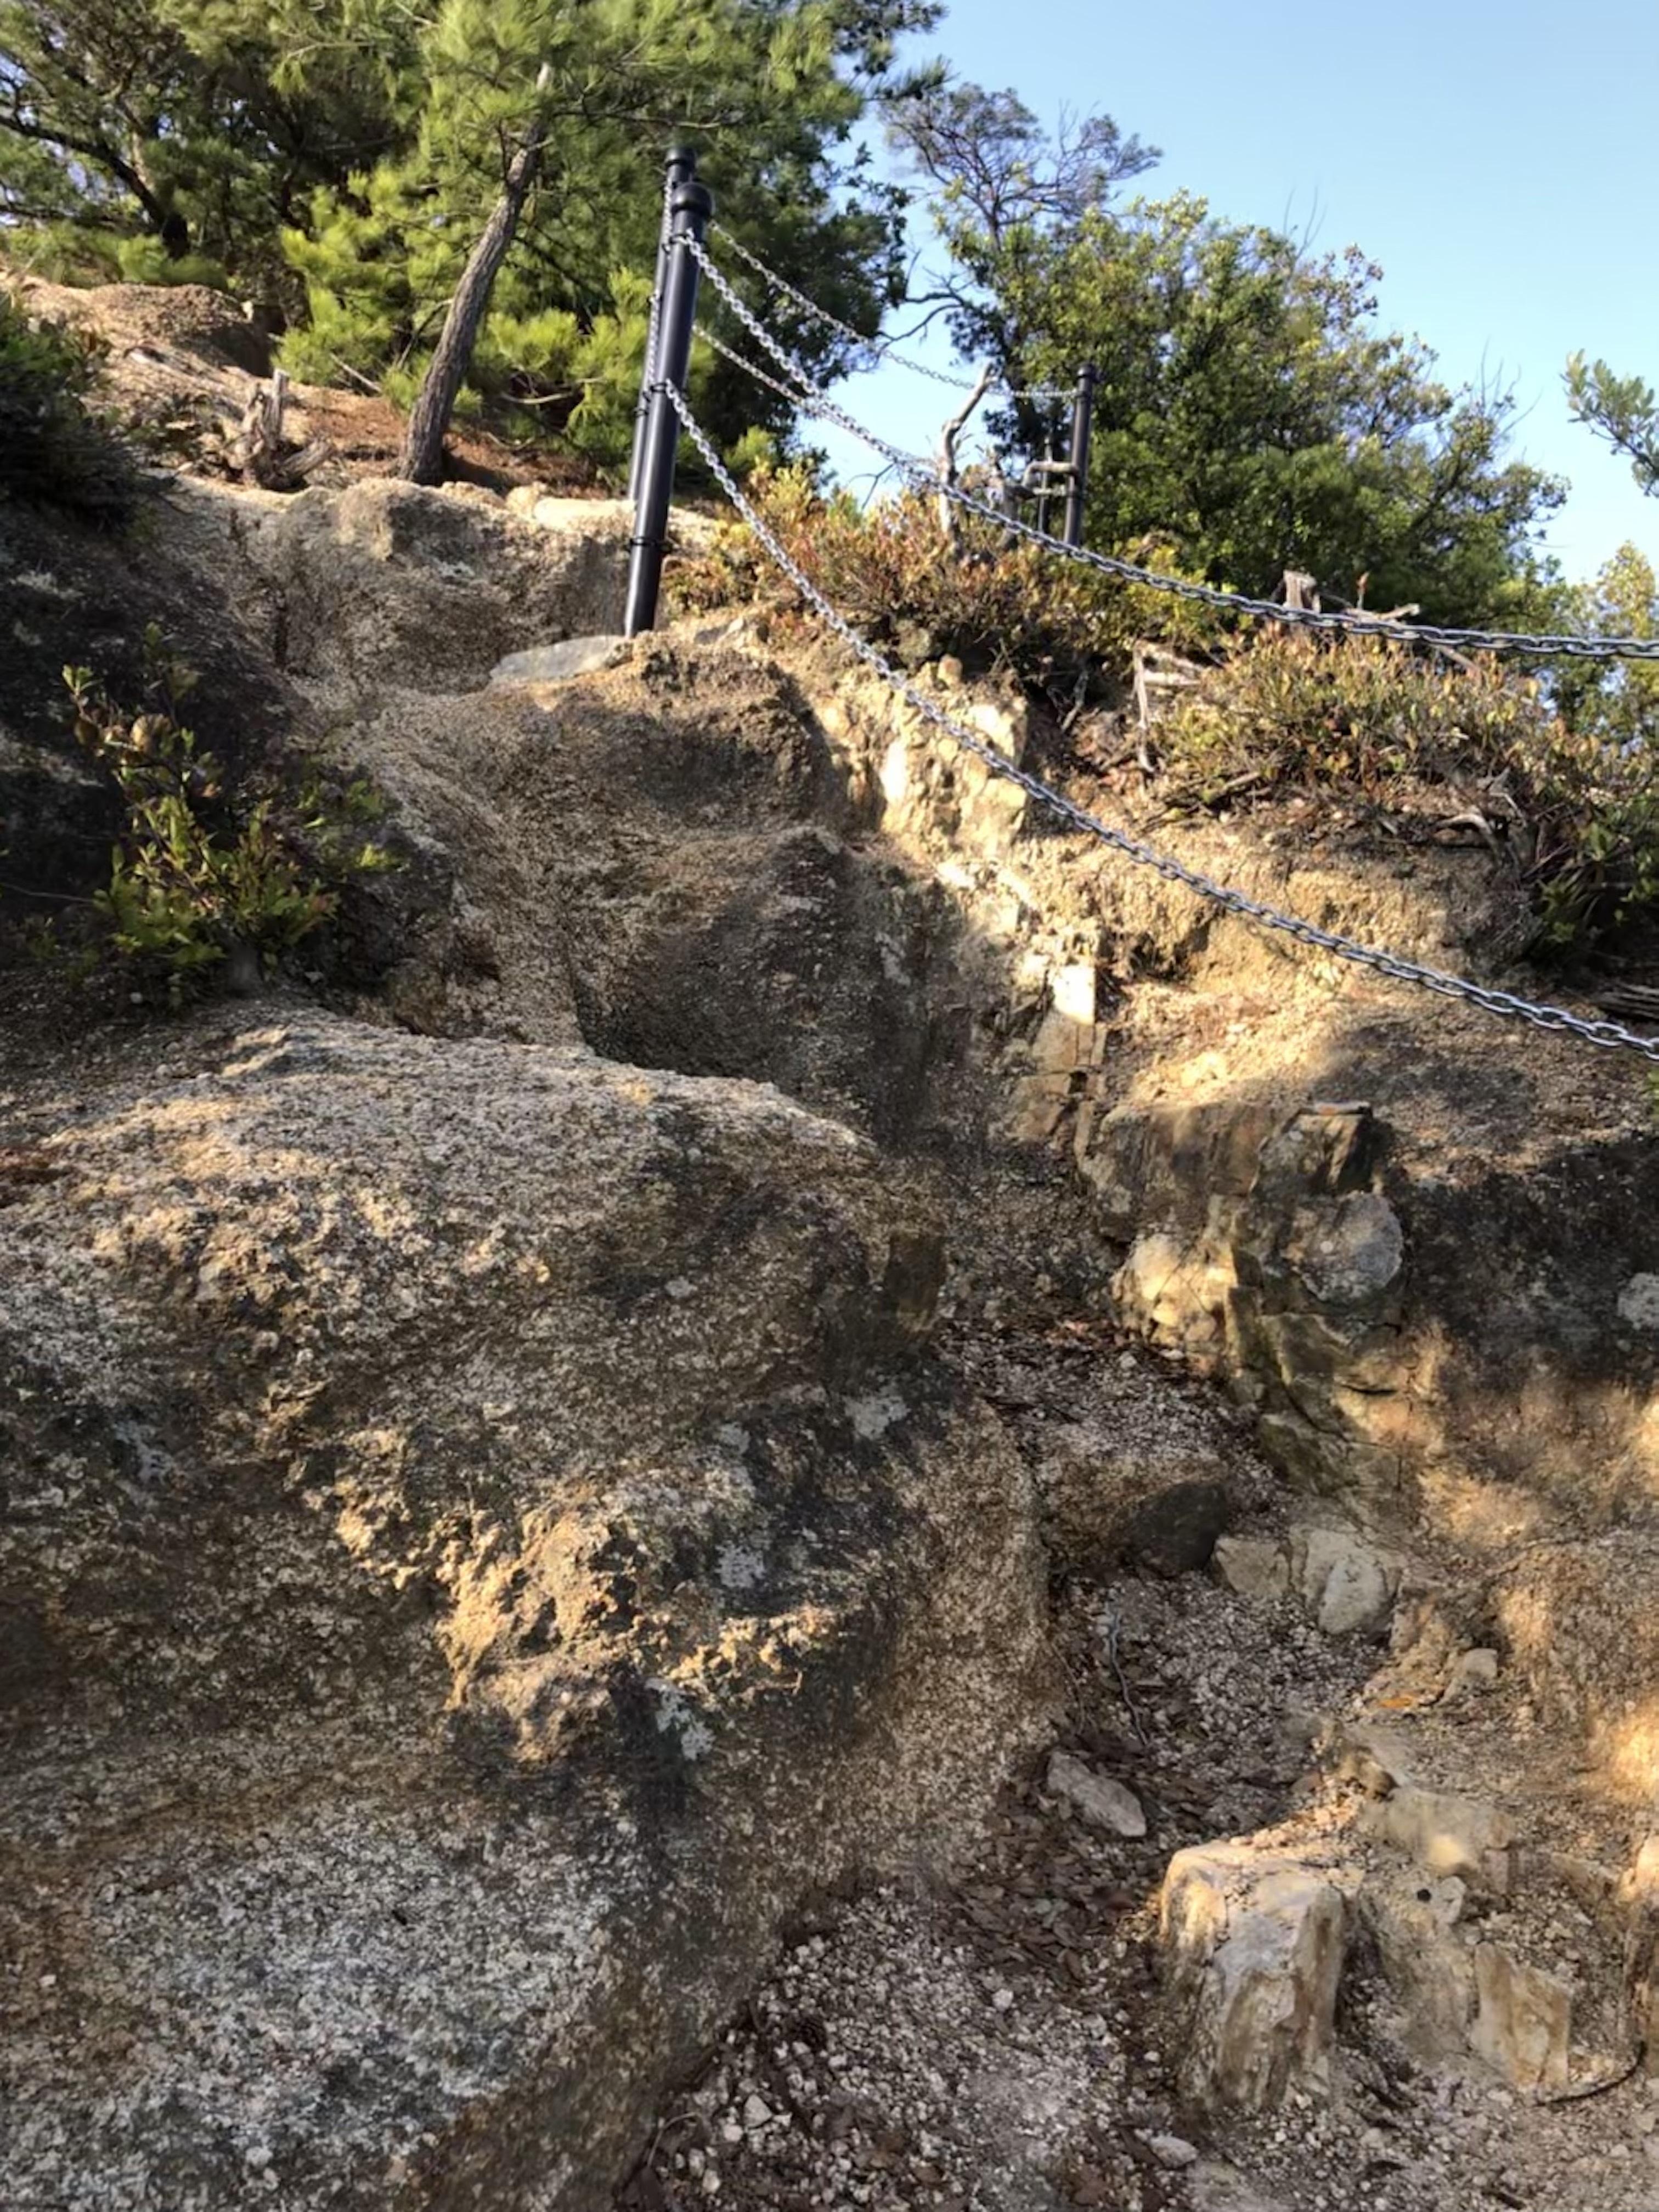 小豆島 重岩 参道 入り口 絶景&グルメツーリング 険しい 岩場